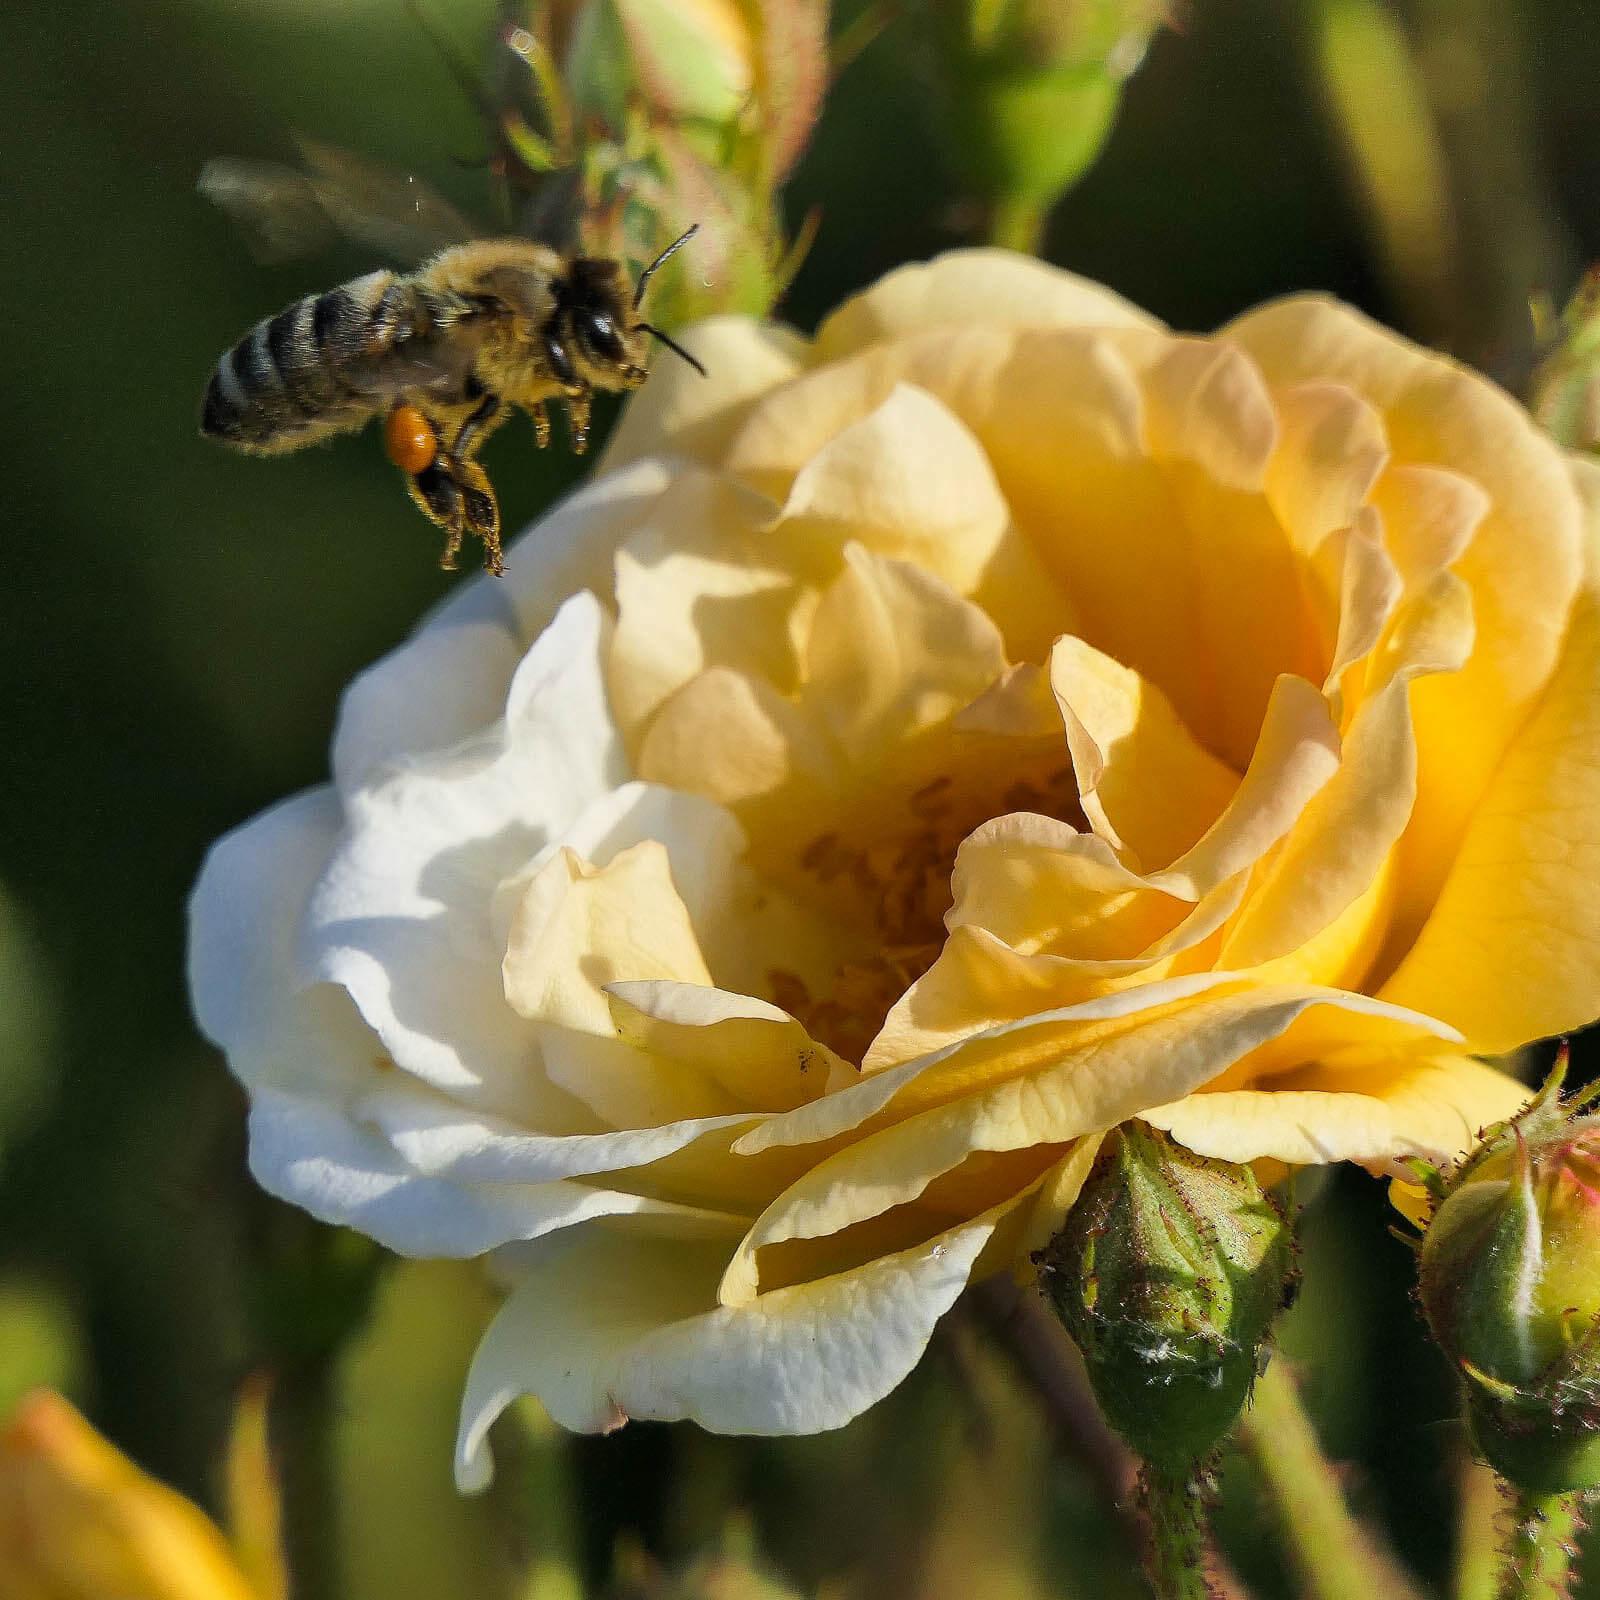 Rädda bina - Pollinerande insekt på väg att landa på gul ros